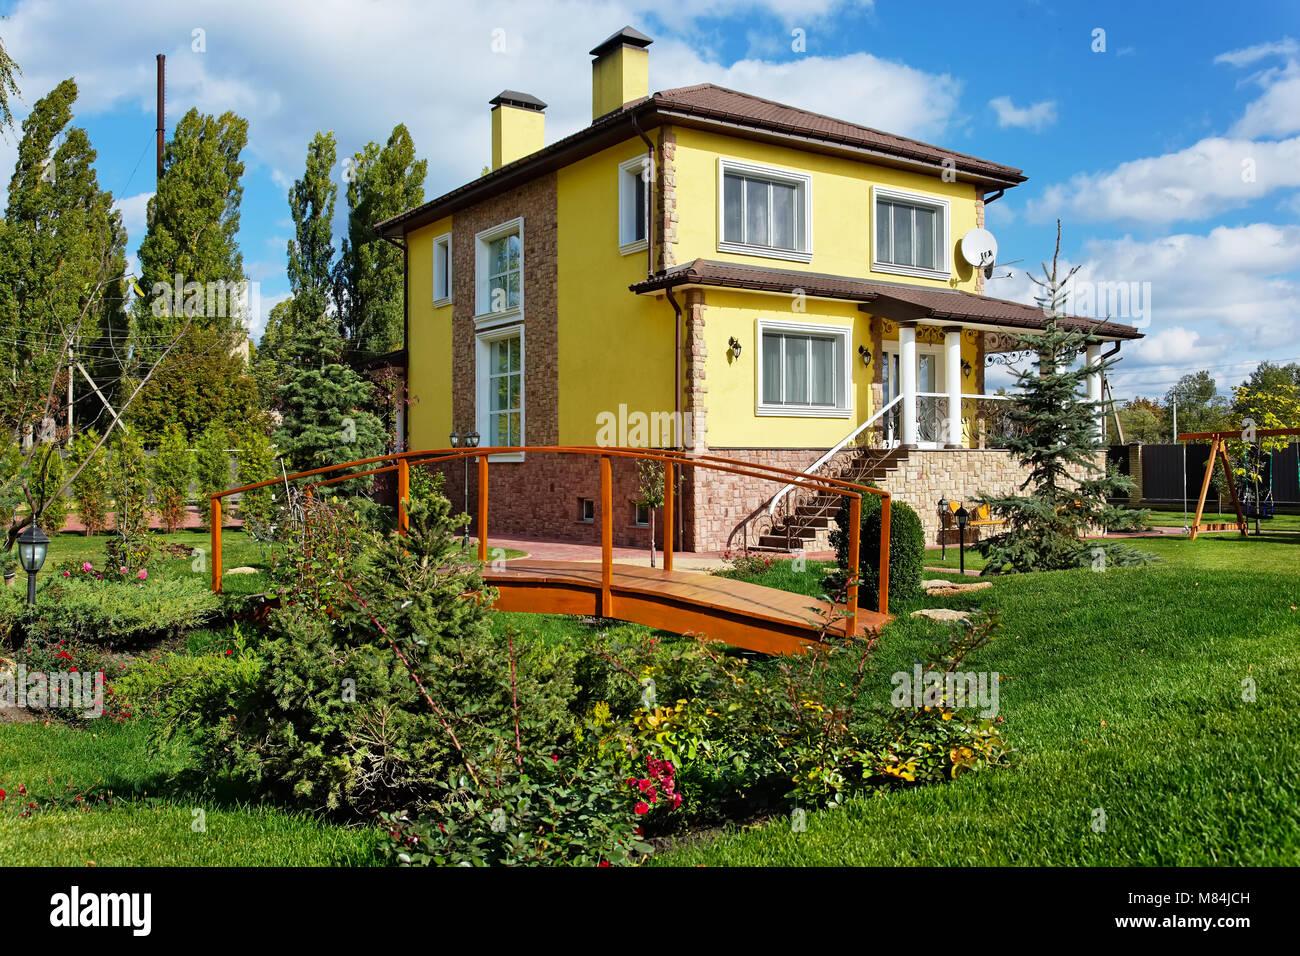 Die Außenseite Des Luxus Haus Mit Grünen Hof Und Hölzerne Brücke In Der  Landschaft Design